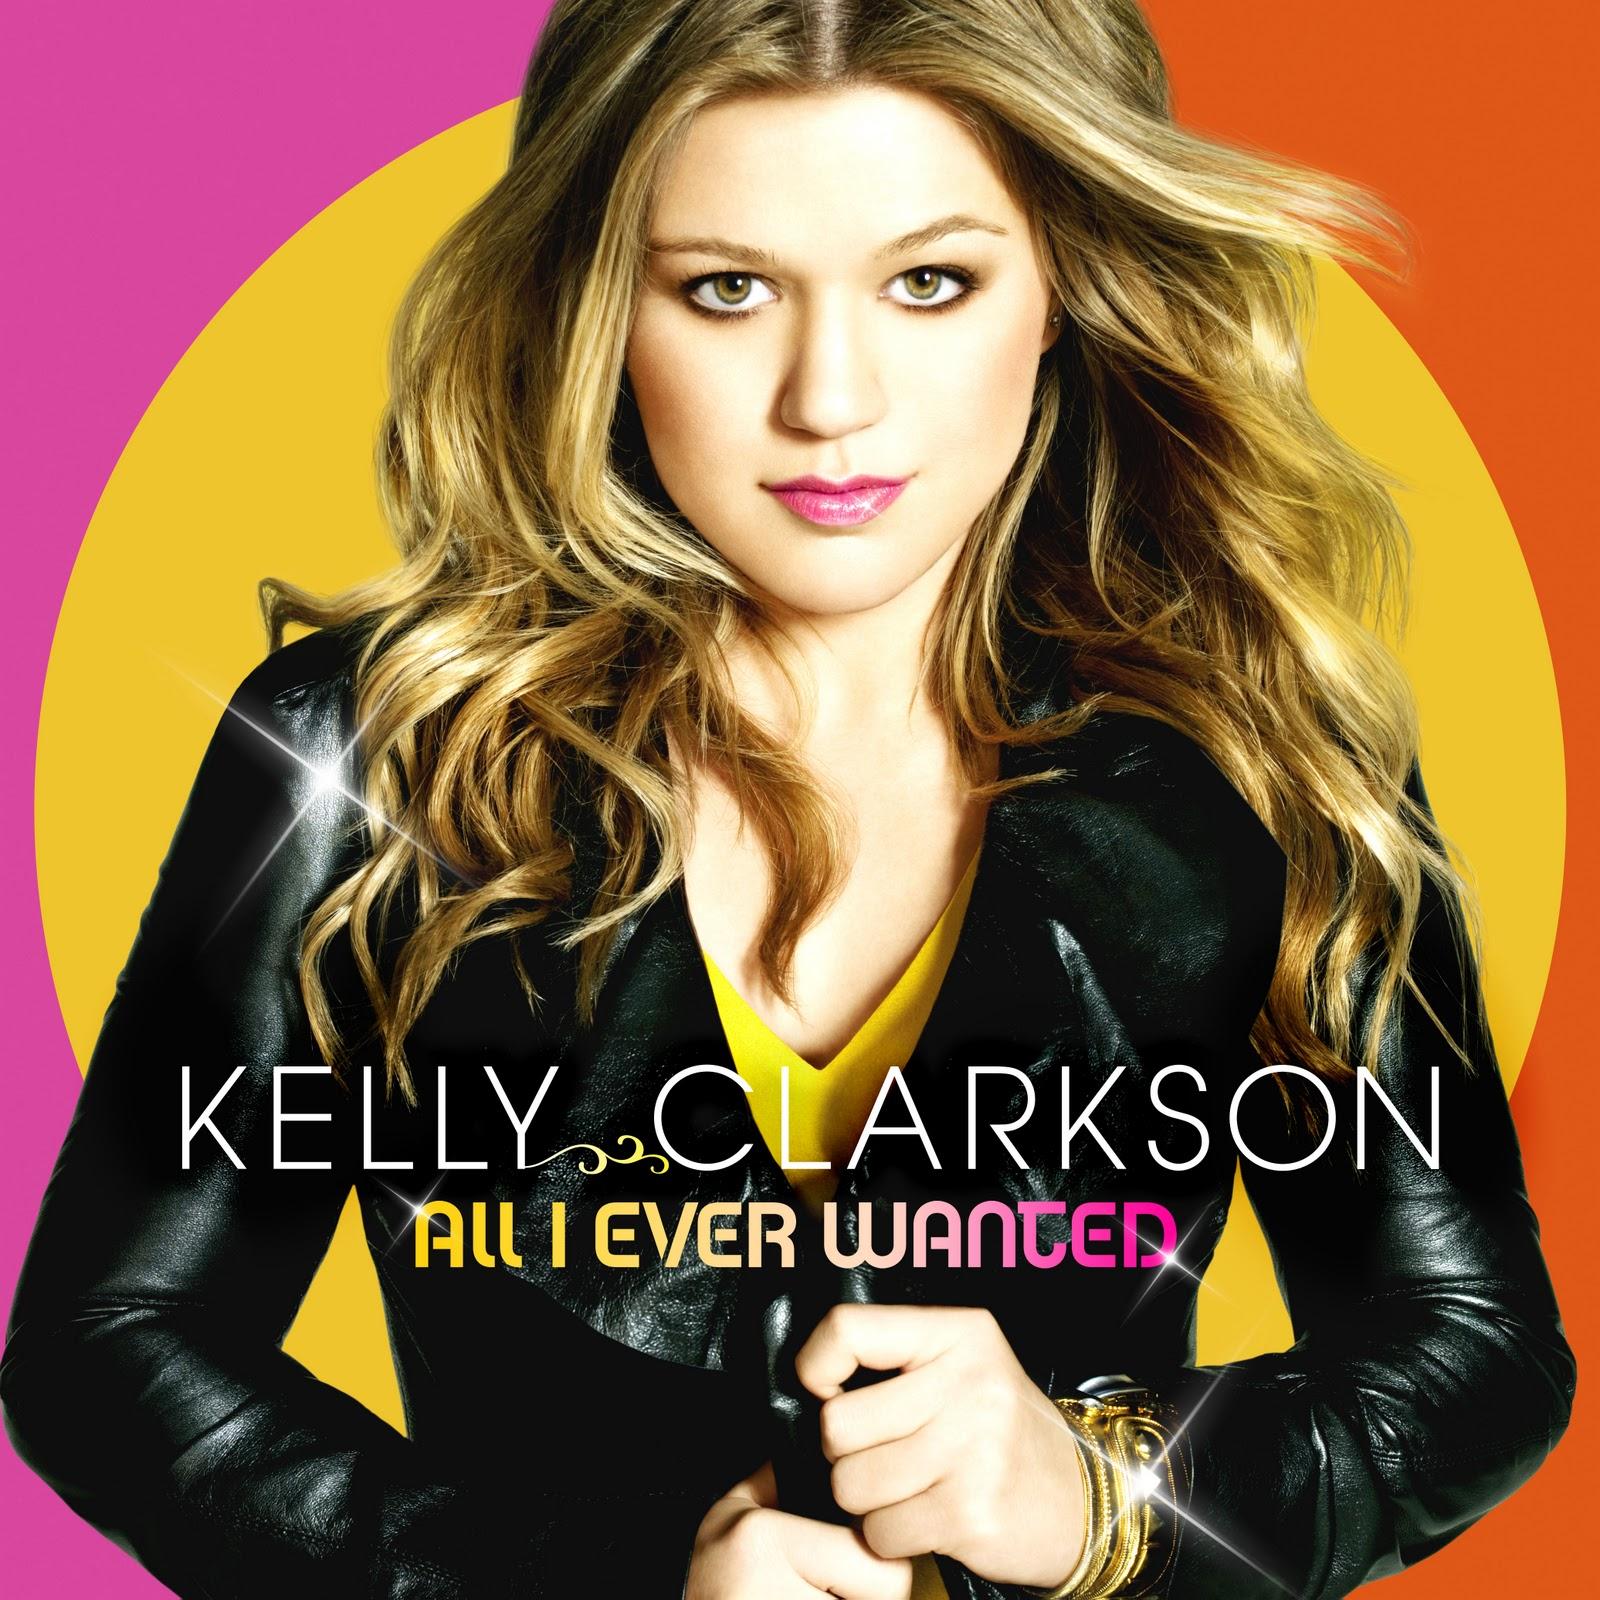 http://2.bp.blogspot.com/-oflblZXI9v8/Tw0RDgyuDXI/AAAAAAAABpE/MYgzIVgZ0W0/s1600/Kelly-Clarkson-photos-2012.jpg